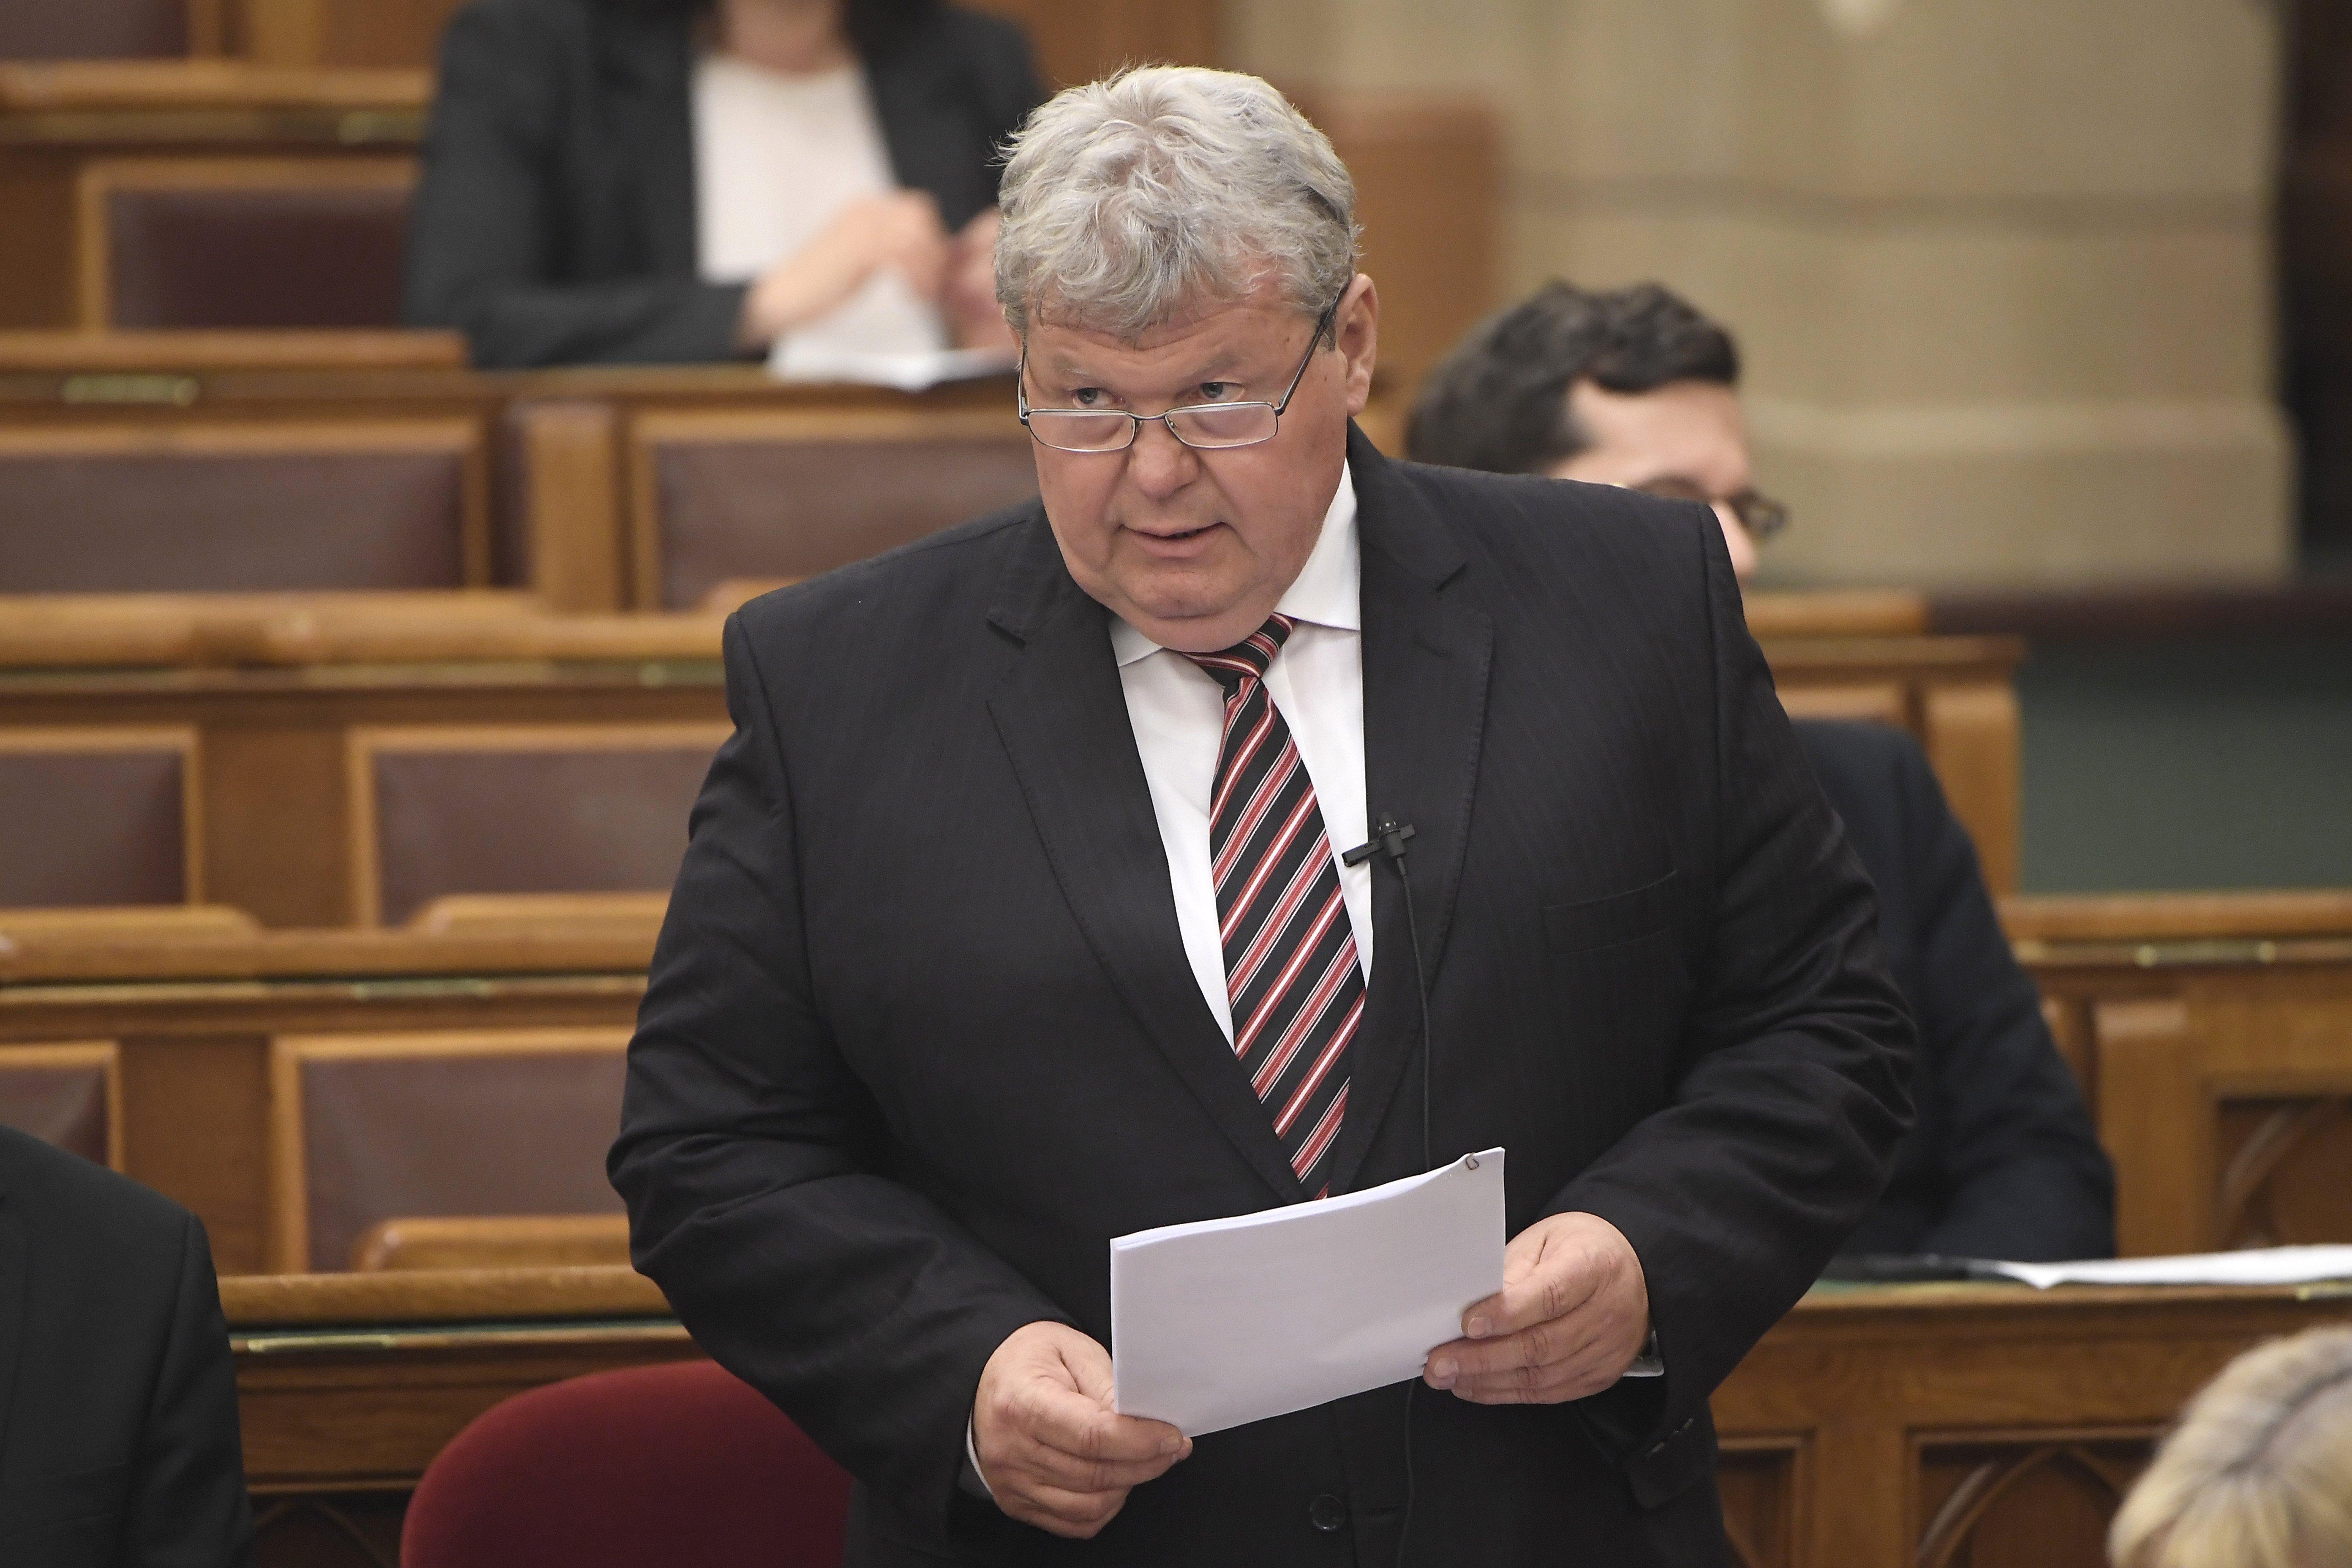 A Paks-ügyi miniszter nyitotta meg a Debreceni Egyetem tanévét